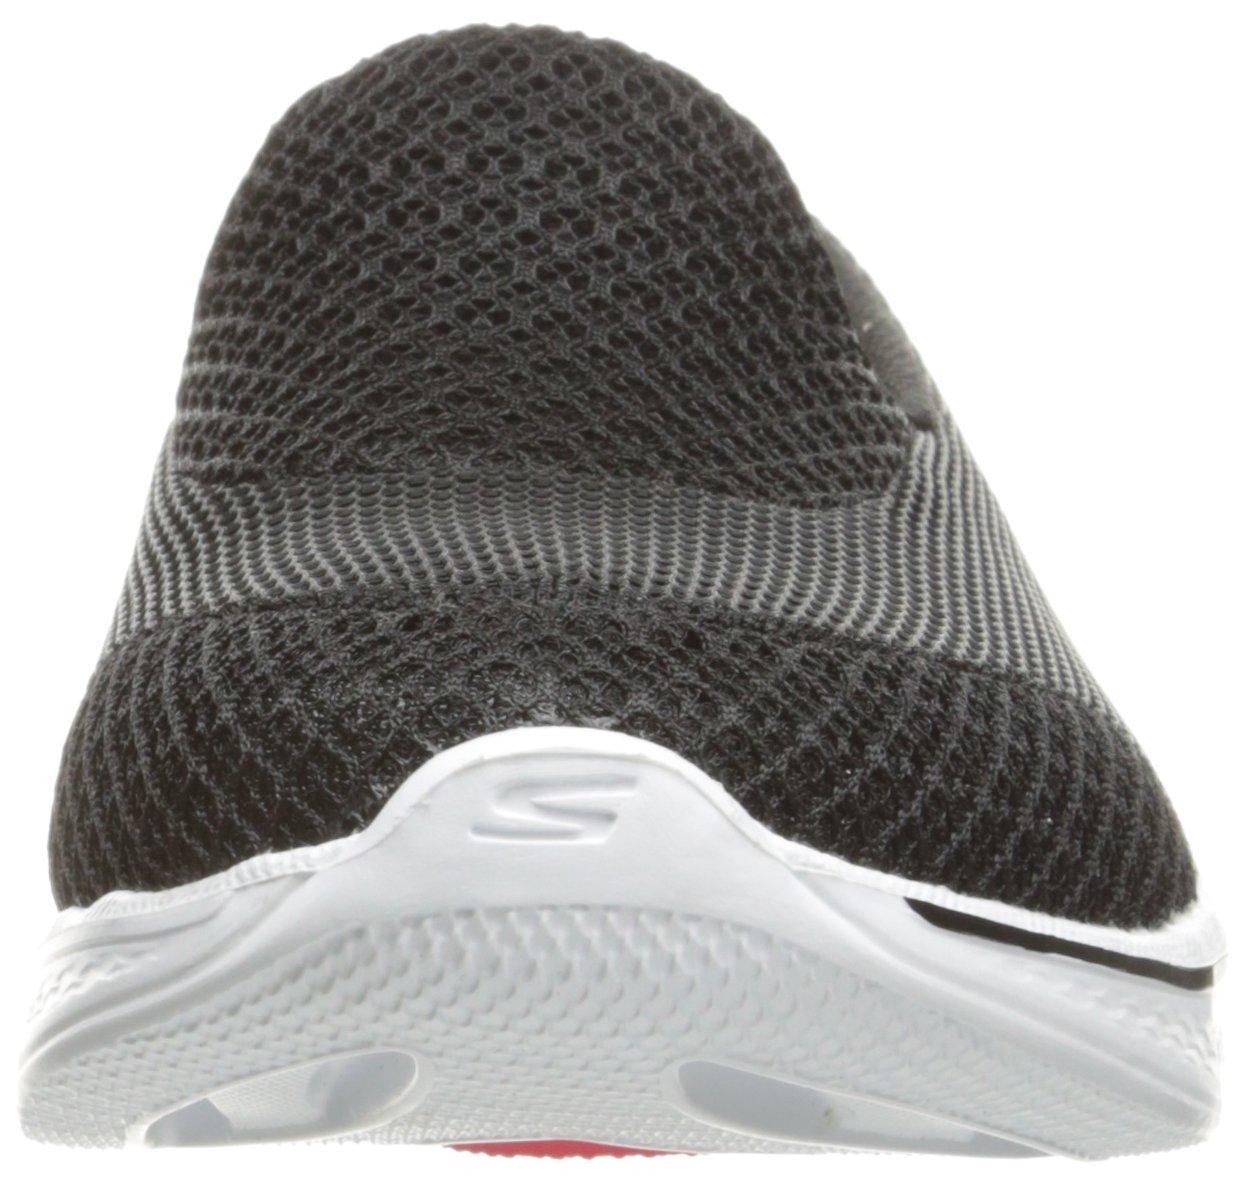 Skechers Performance Women's Go Walk 4 Propel Walking Shoe B01IIZ98O2 6 B(M) US|Black/White